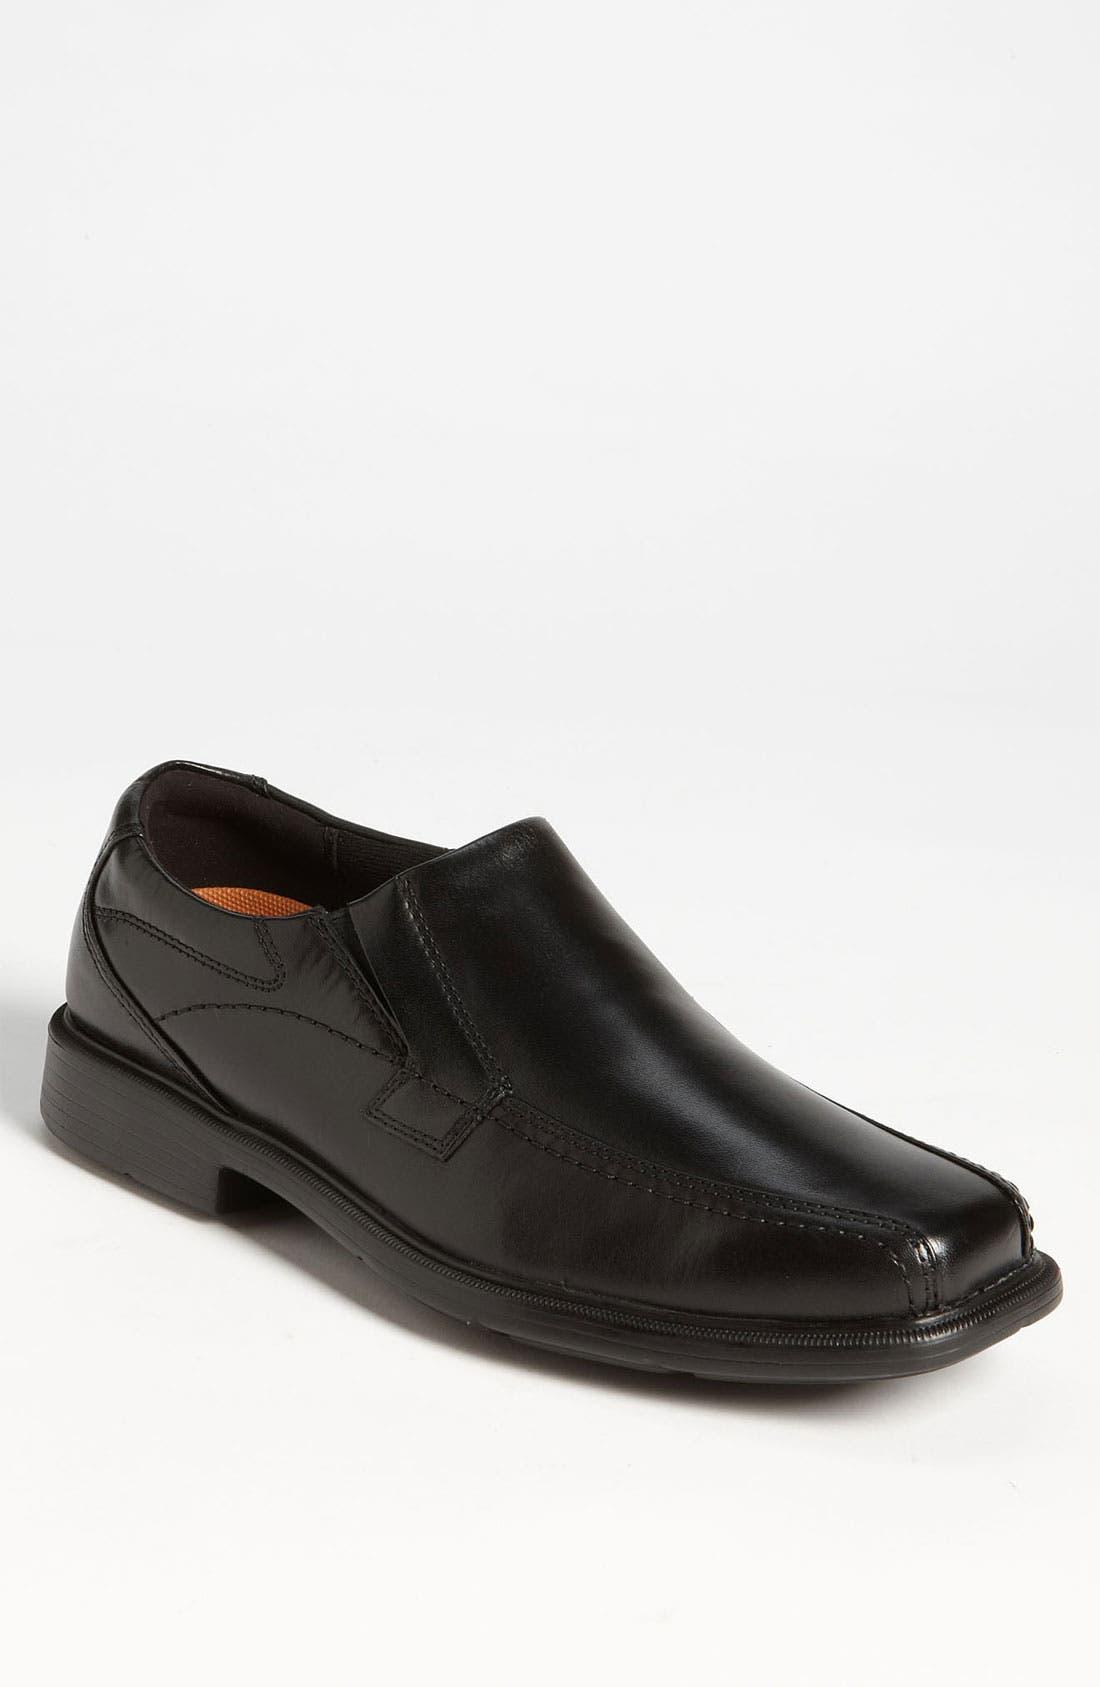 Main Image - Dunham 'Dillon' Venetian Loafer (Online Only)